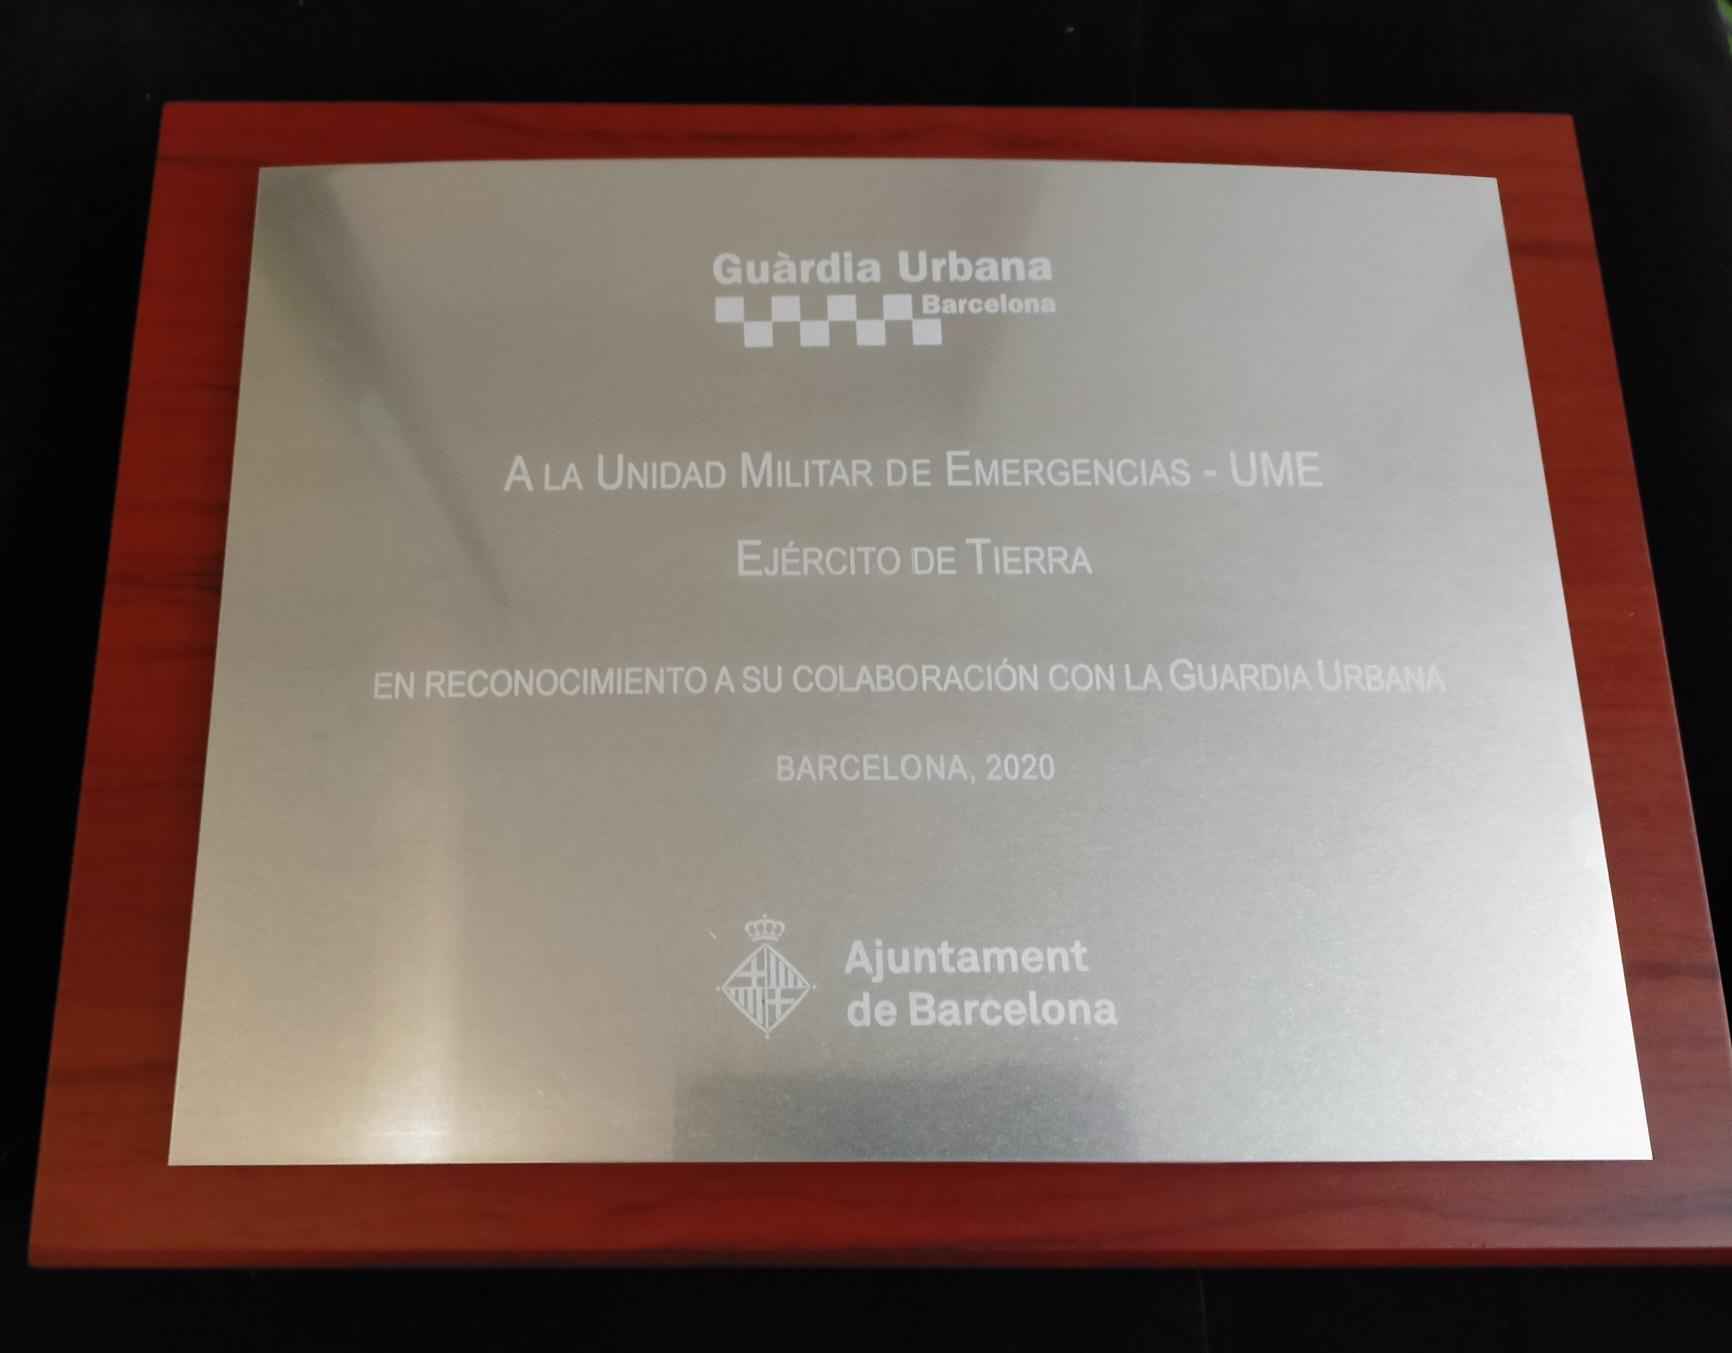 Grabación laser metal placa conmemorativa